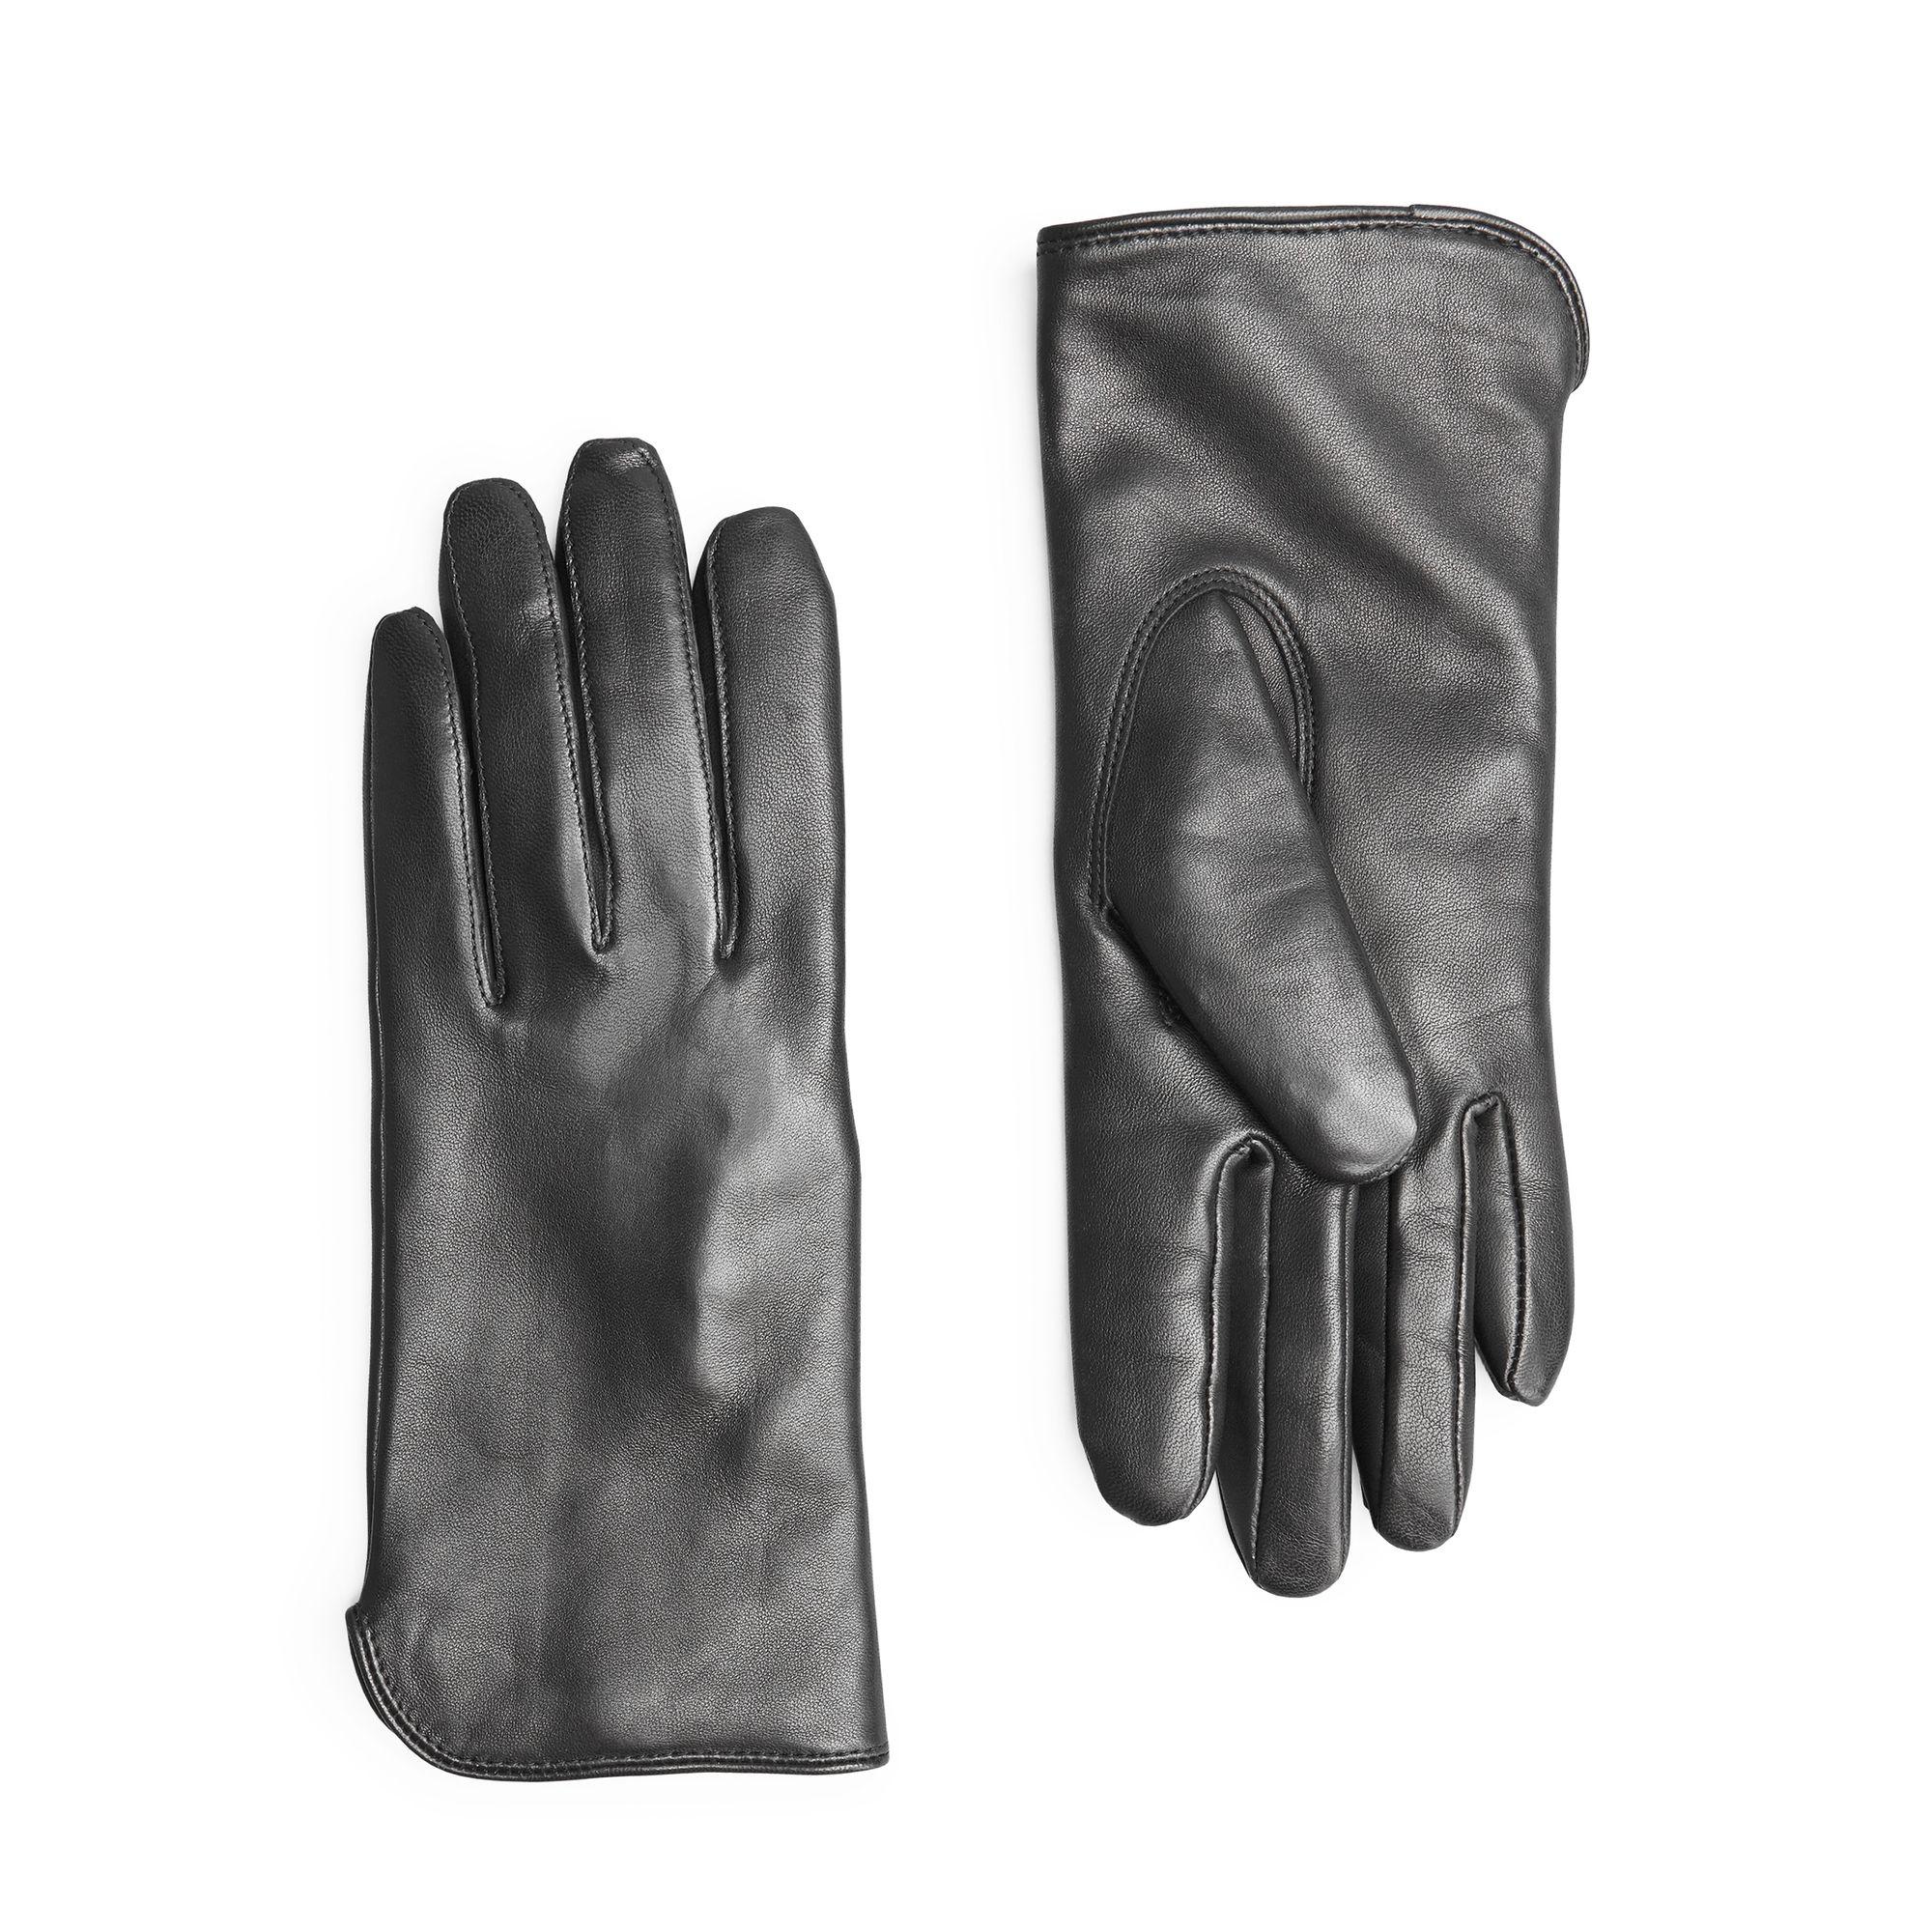 b8f59ab95 Handskmakaren Rho hansker i skinn, dame